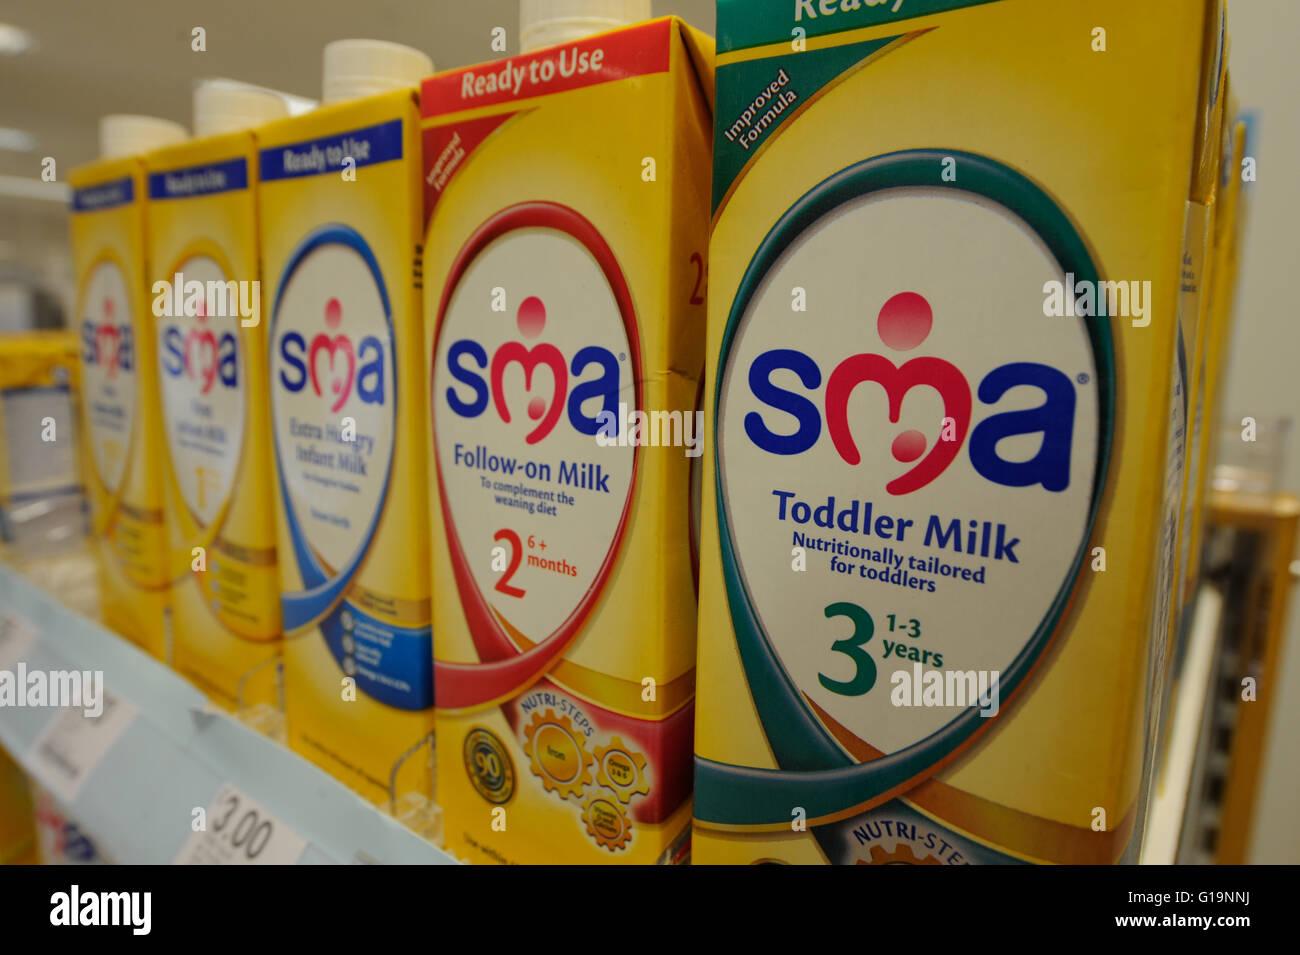 SMA,formula, powdered milk, UK - Stock Image